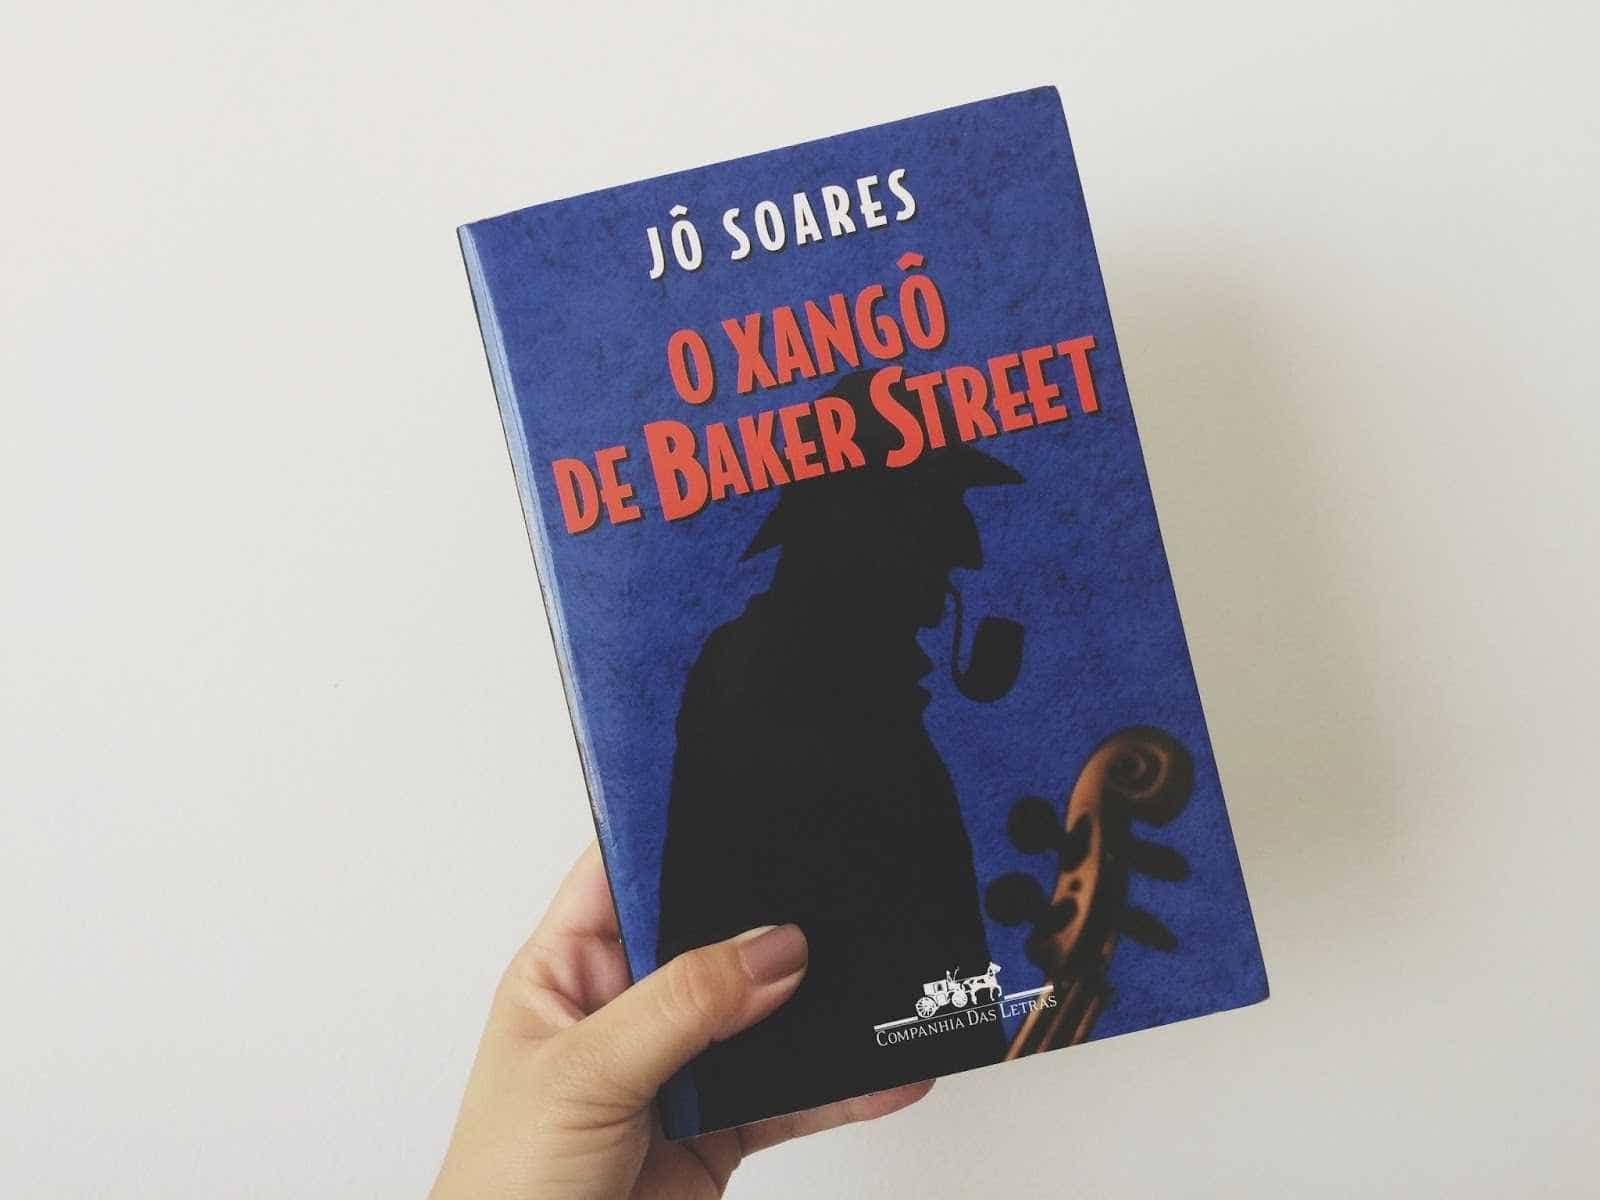 Em livro, Jô Soares narra aventura em museu incendiado